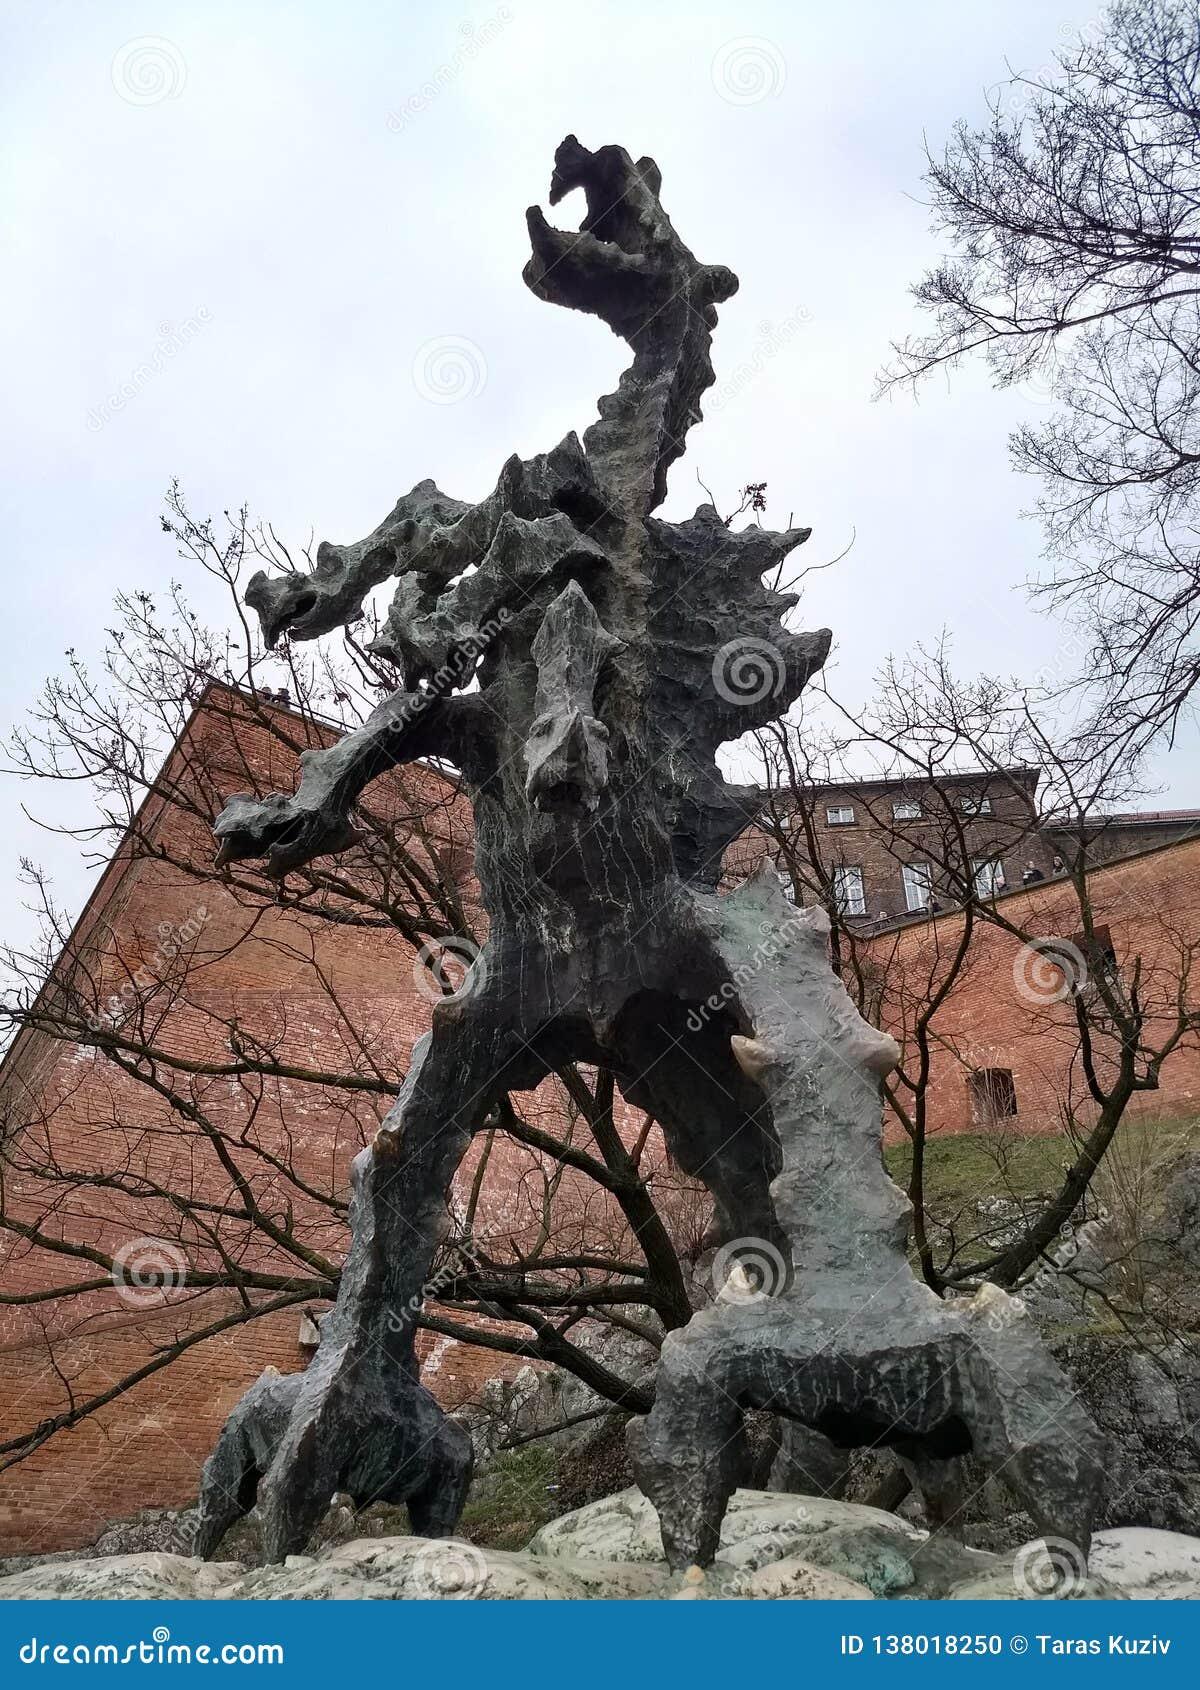 Cracovie/Pologne - 23 mars 2018 : Sculpture d un dragon exhalant le feu toutes les 3-4 minutes